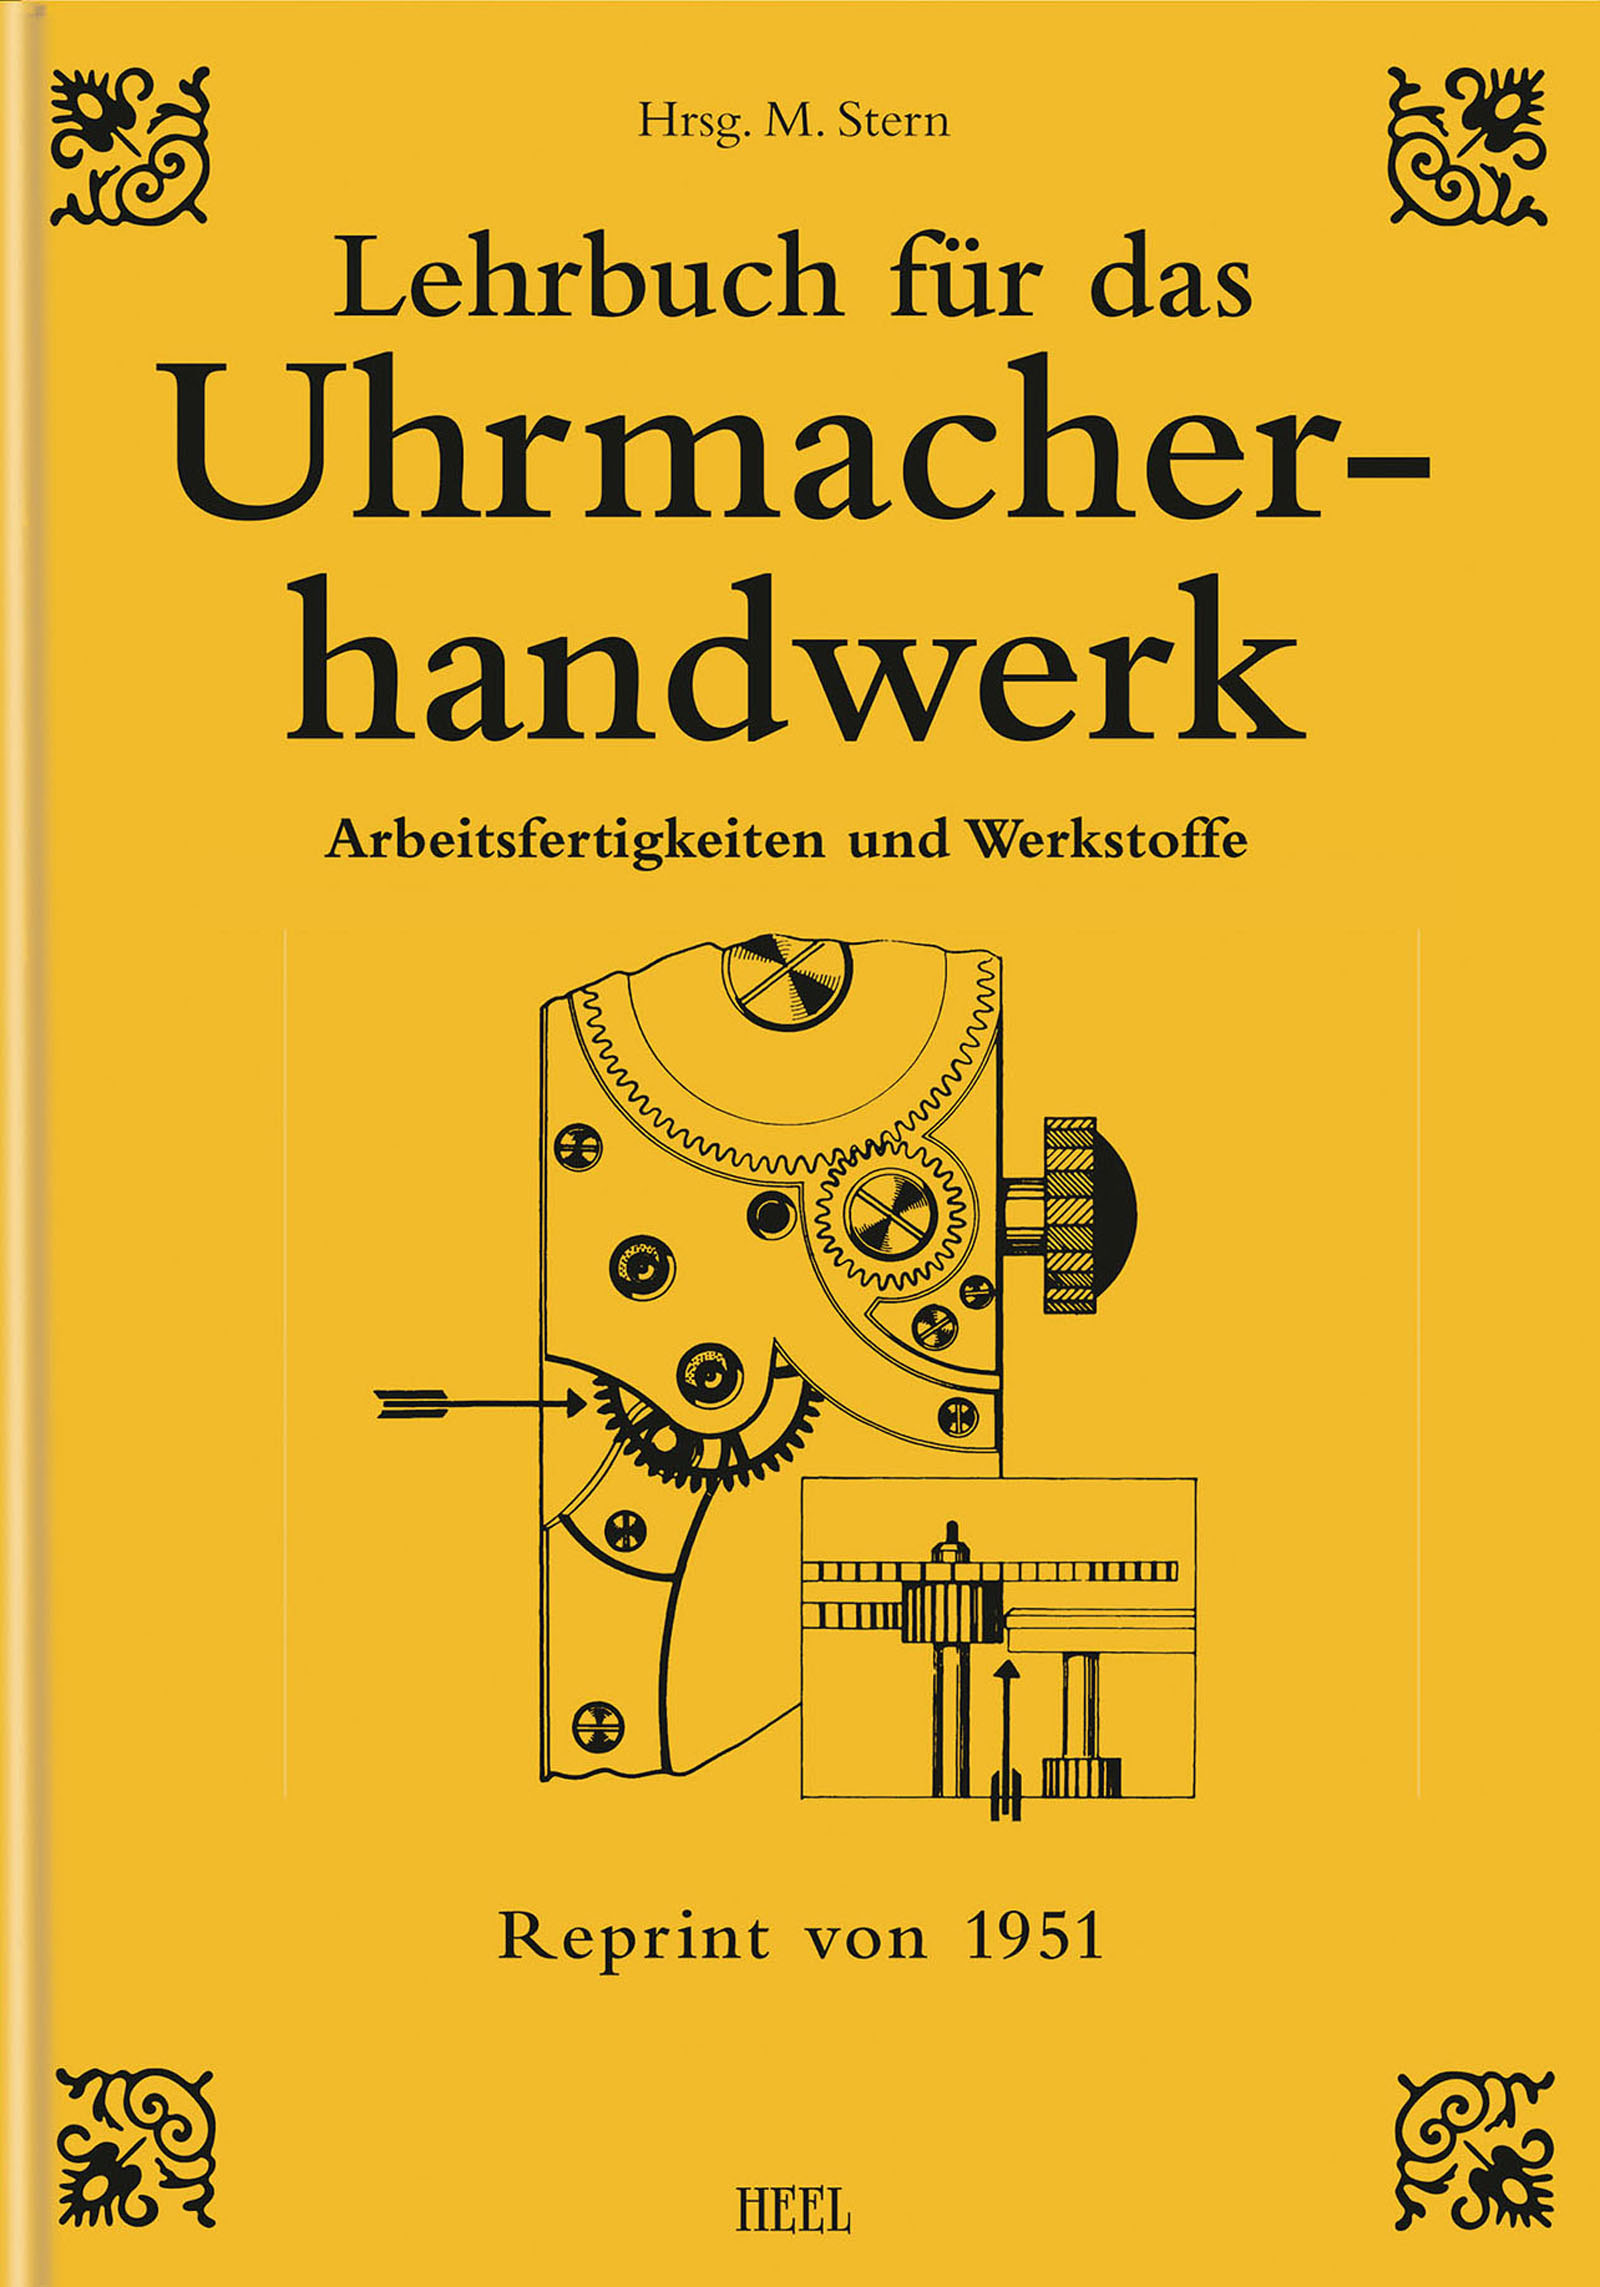 цена Отсутствует Lehrbuch für das Uhrmacherhandwerk - Band 1 онлайн в 2017 году